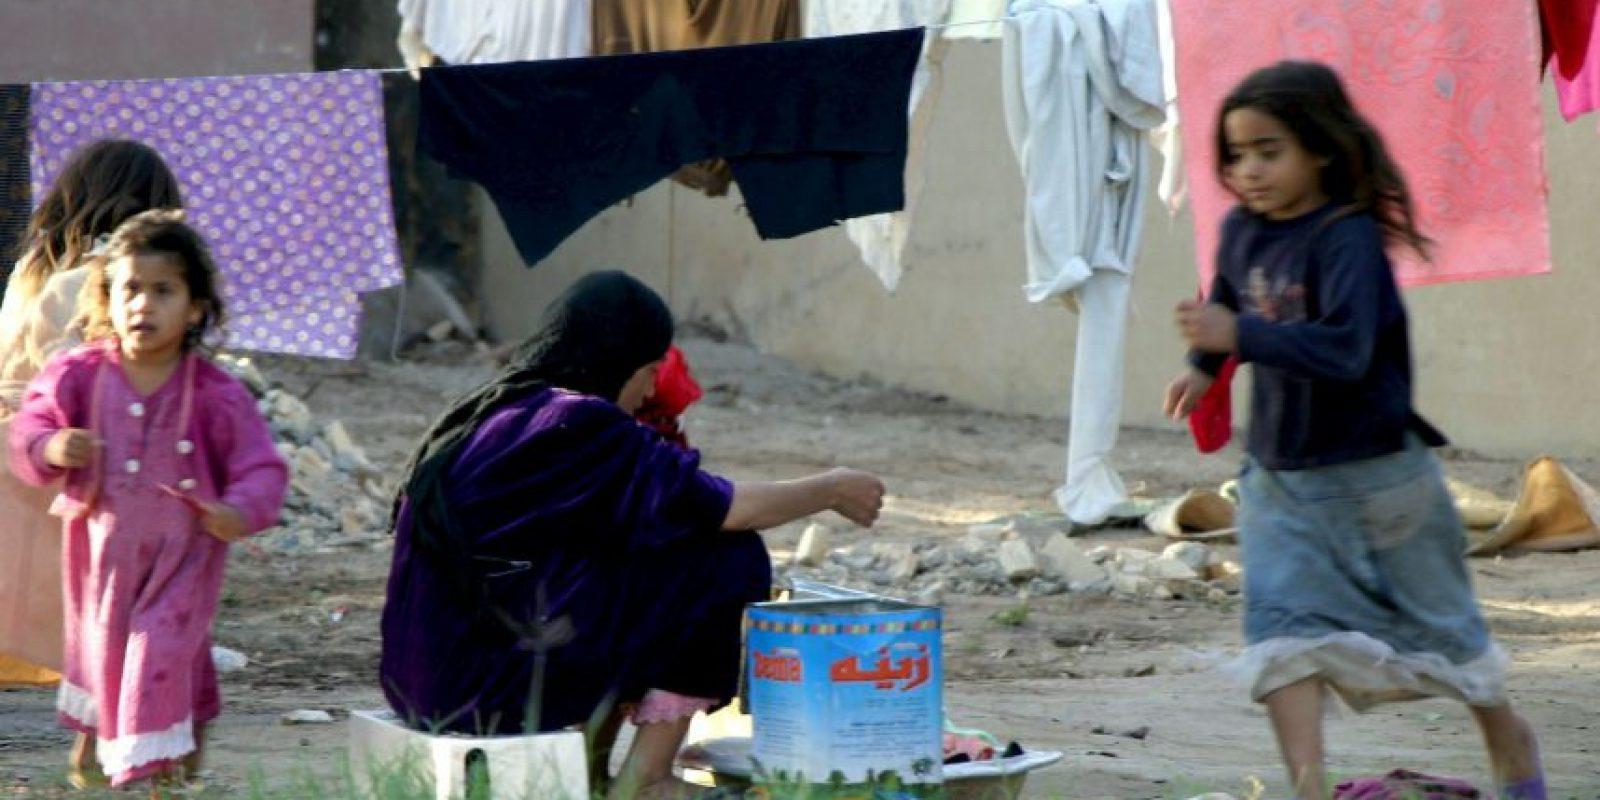 Los refugiados que residen en los campamentos reciben 28 dólares al mes. Foto:Getty Images